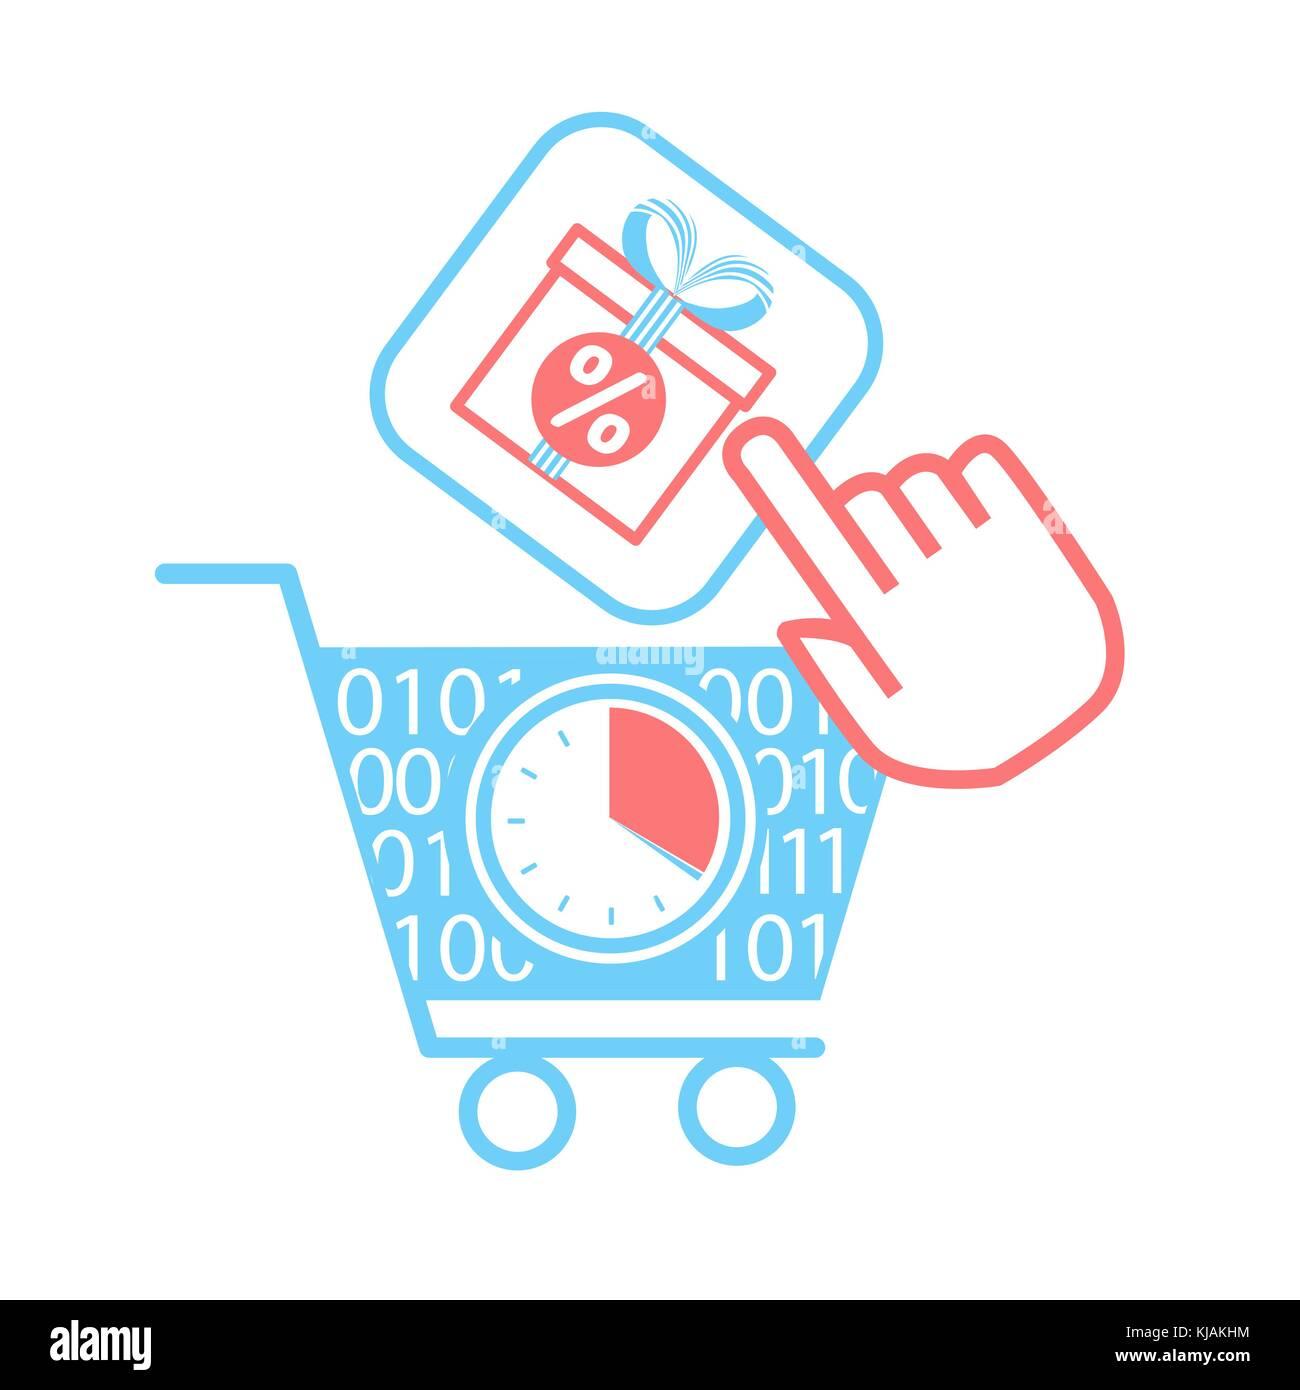 Purchasing carts stockfotos purchasing carts bilder for Verkauf von mobeln im internet